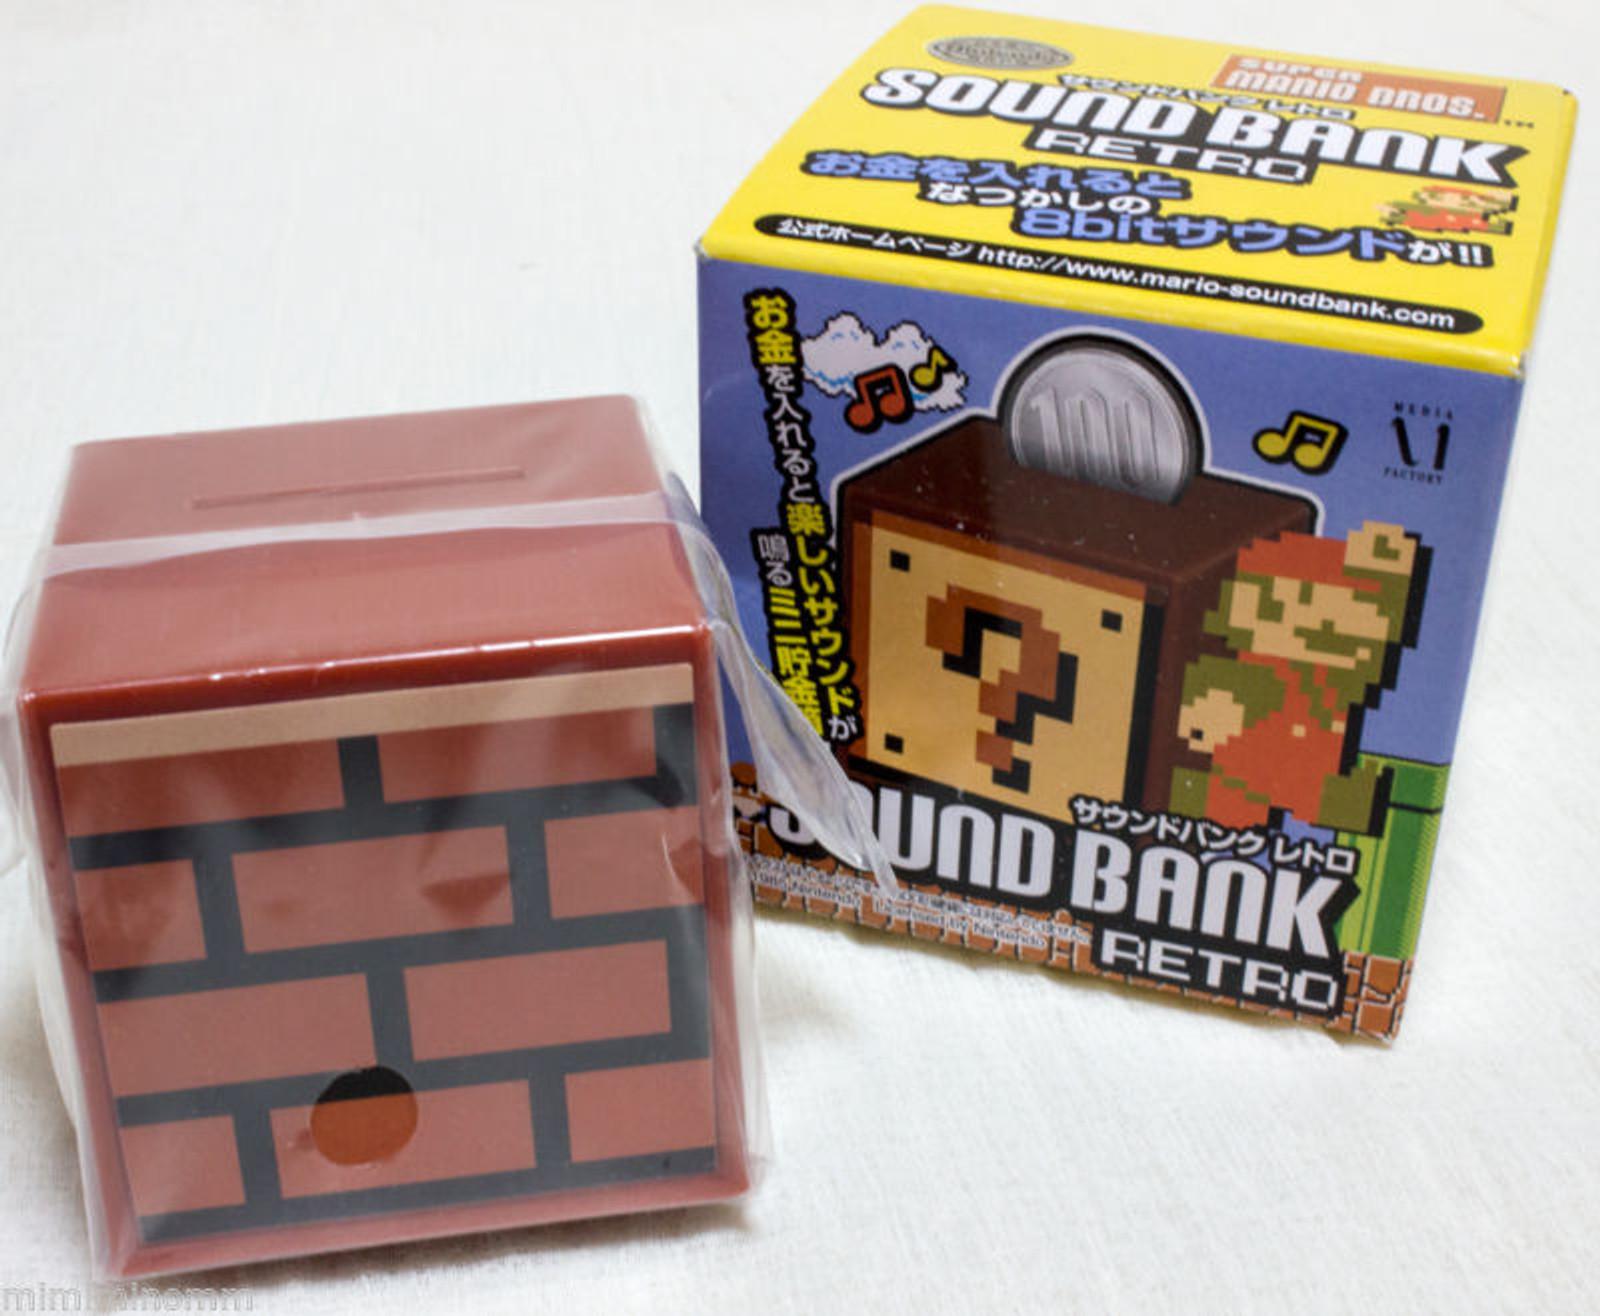 Super Mario Bros. Sound Bank Retro Brick Block Figure JAPAN NES